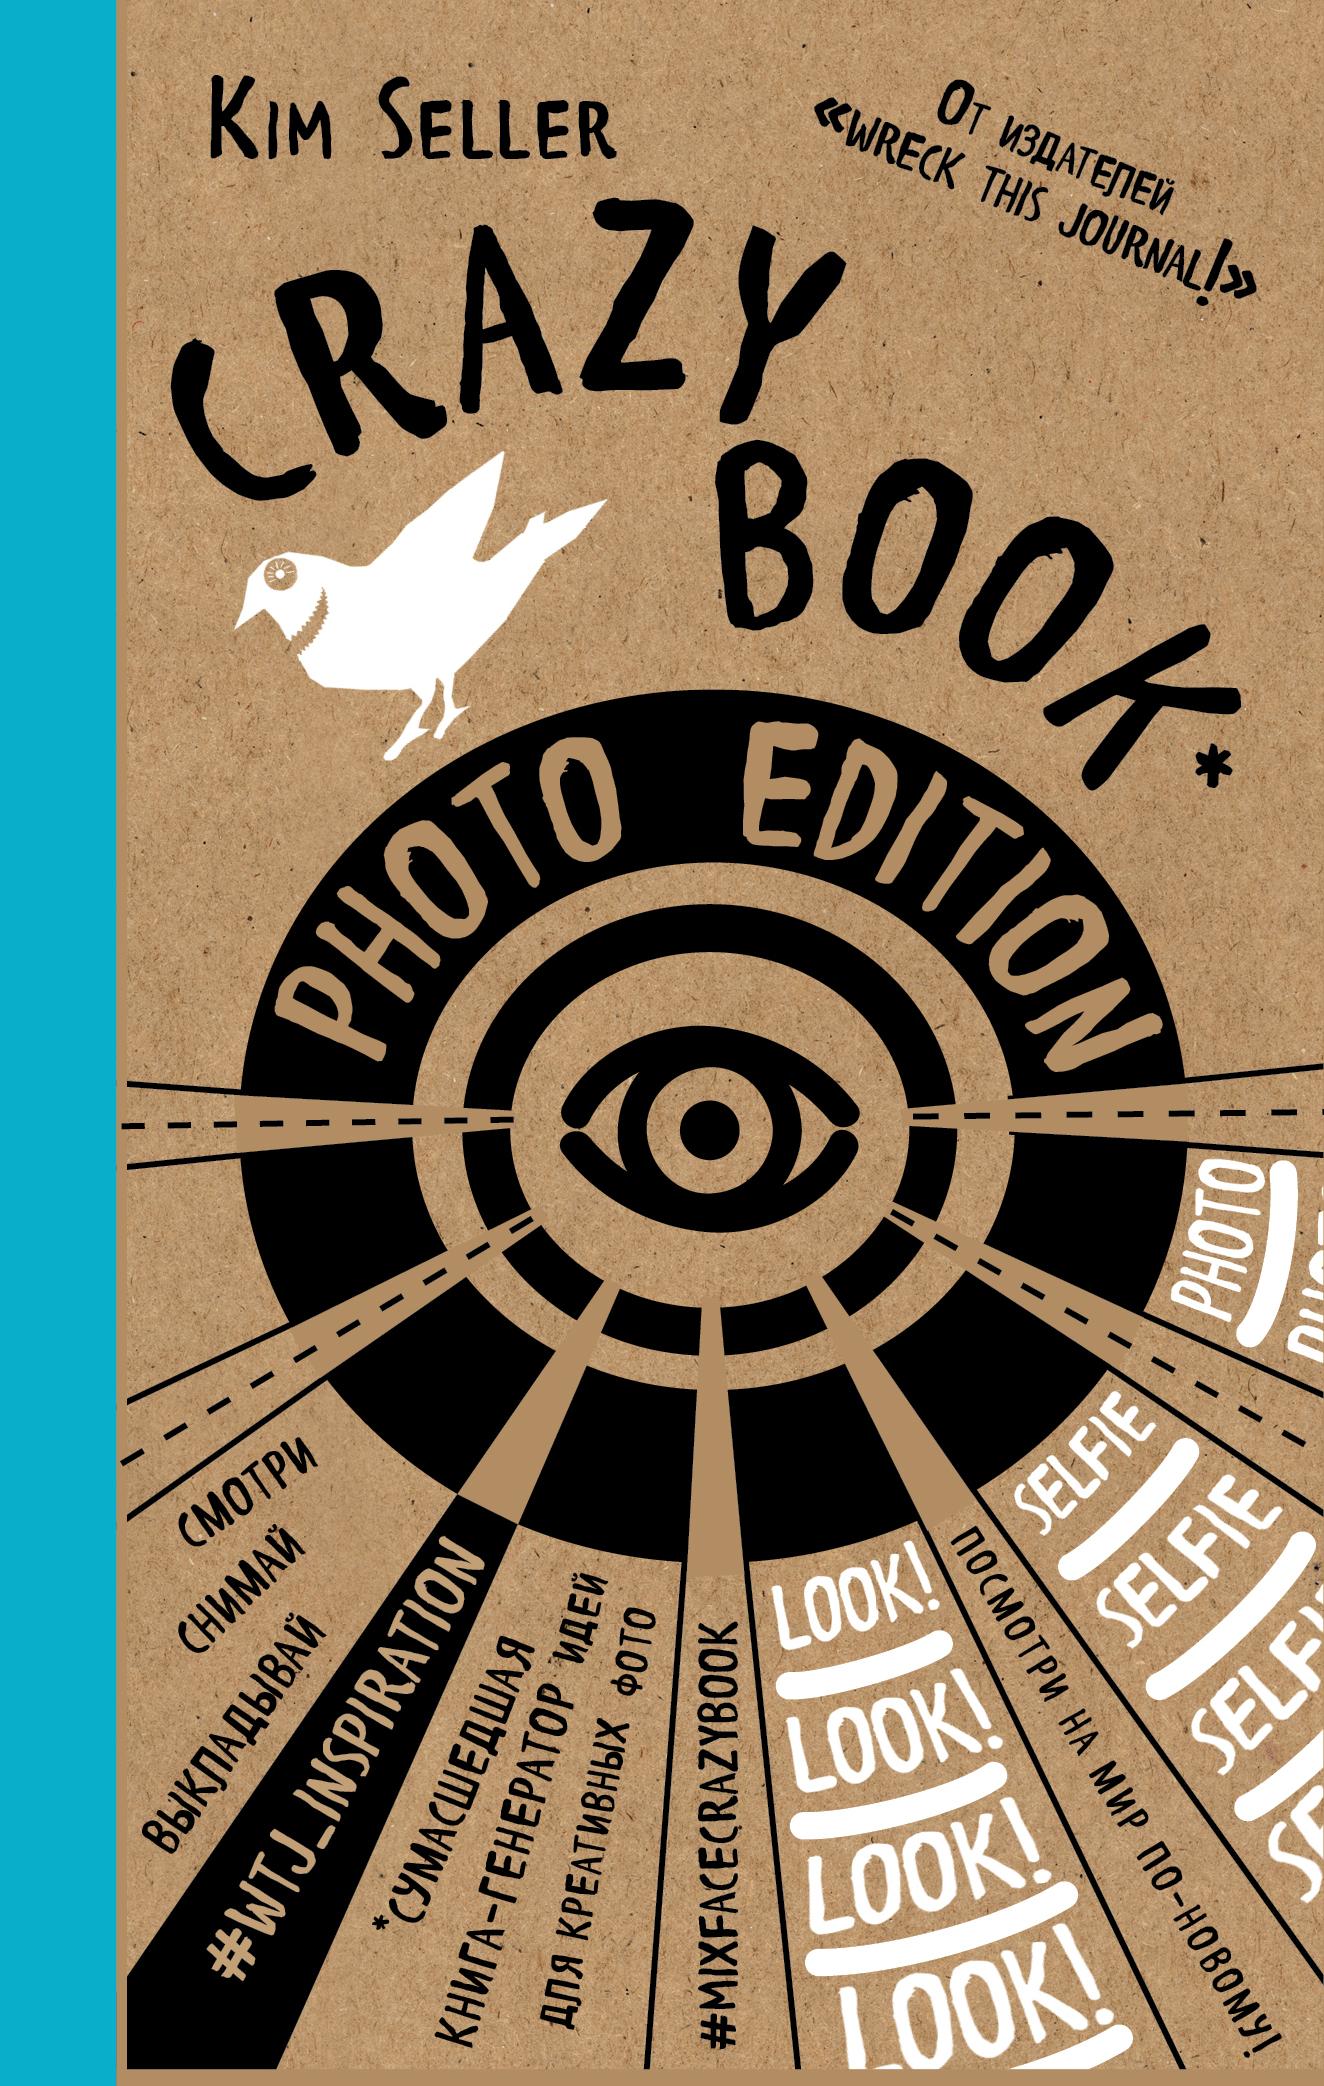 Селлер К.. Crazy book. Photo edition. Сумасшедшая книга-генератор идей для креативных фото